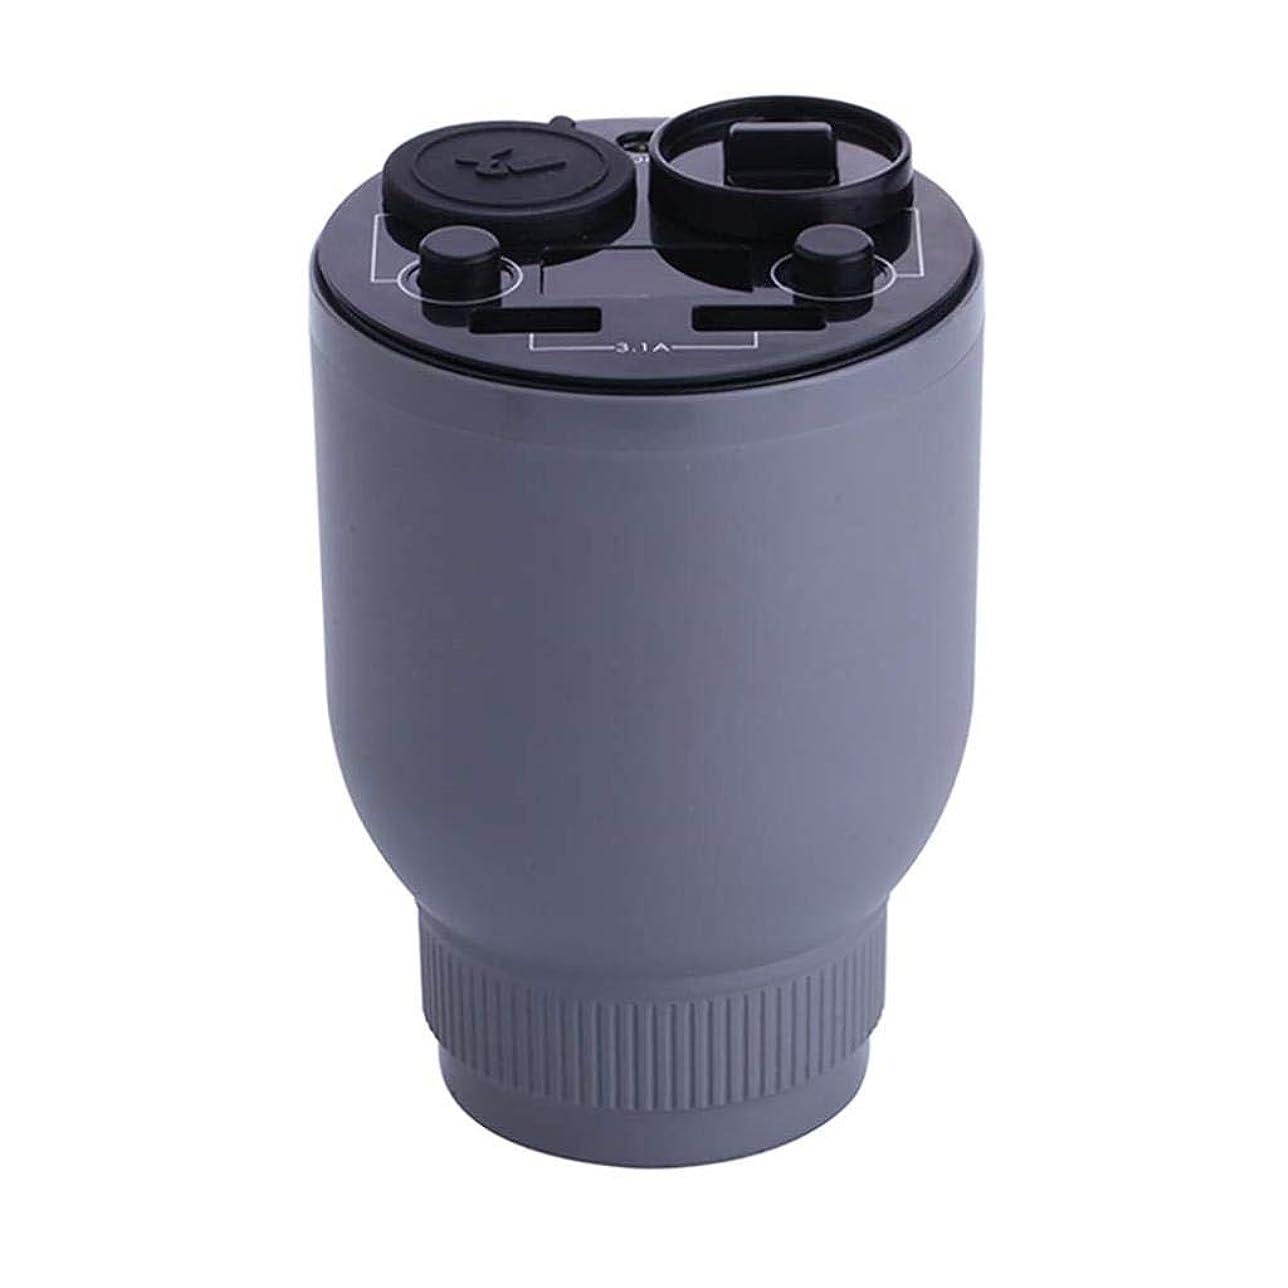 しなければならない最終的に揮発性電気アロマディフューザー、超音波加湿器、携帯用空気浄化アロマテラピーマシン、車のファッションデザイン用車アロマセラピーカップ付きタバコ (Color : Gray)